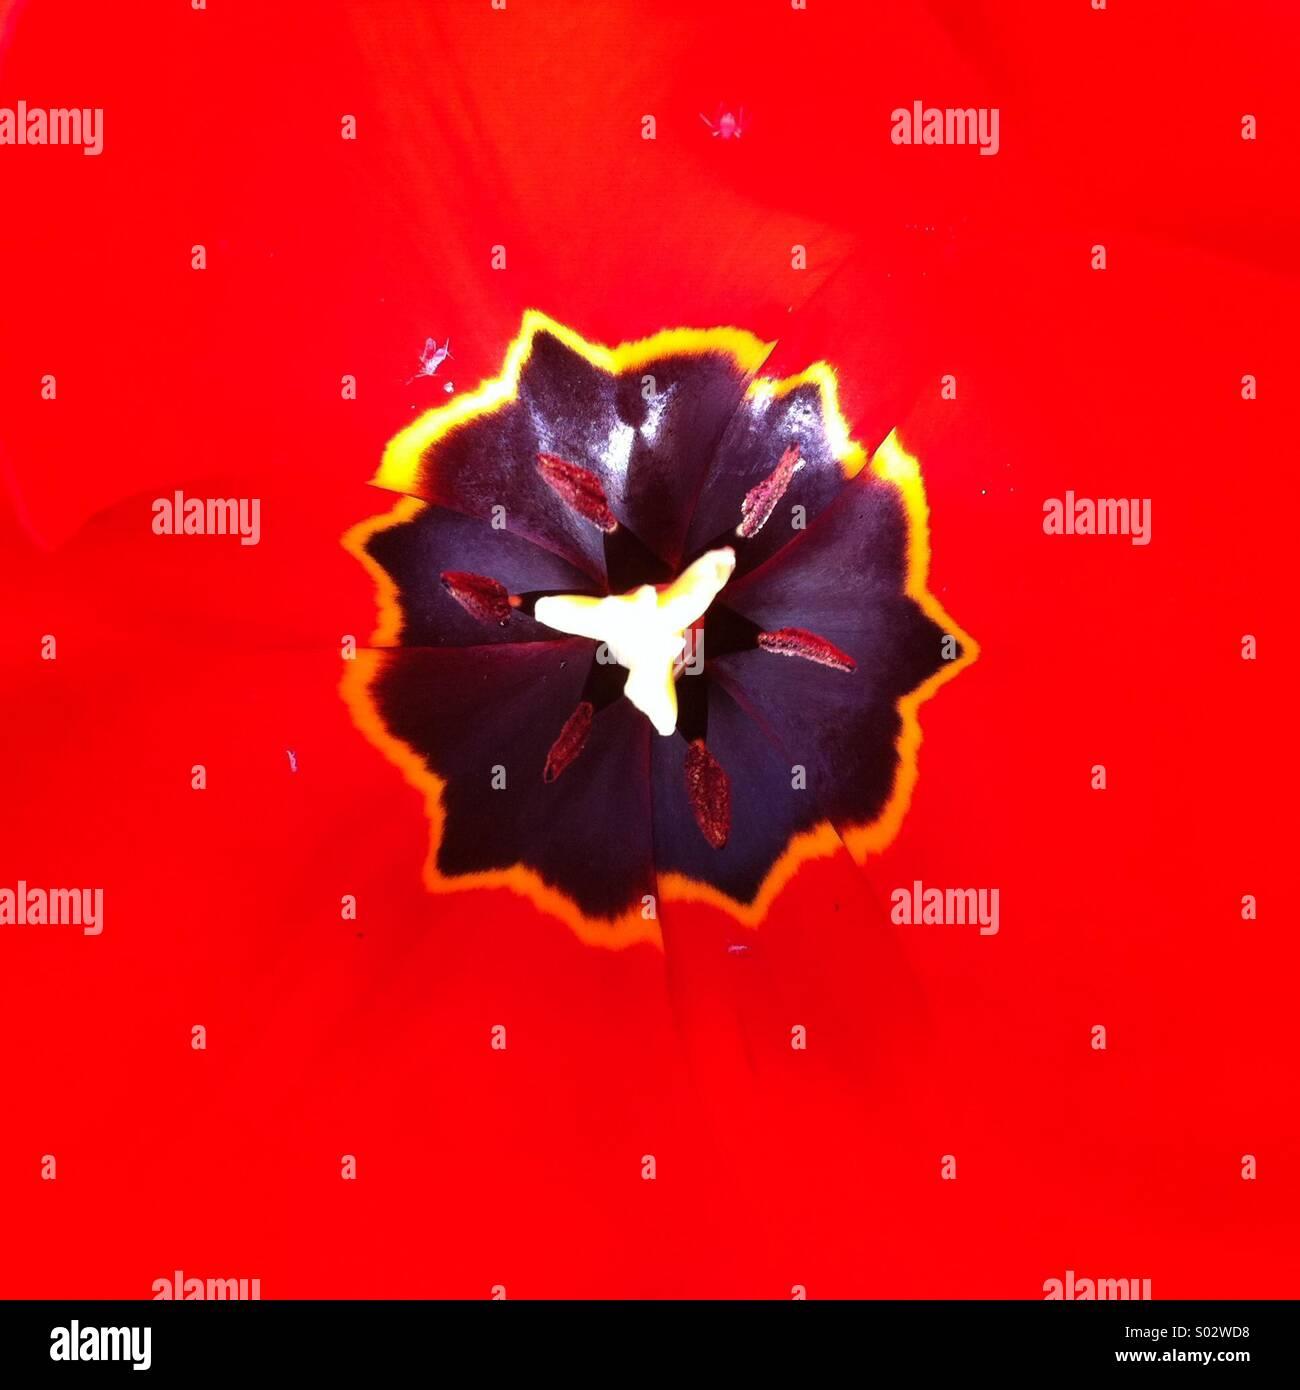 Schwarze ungleichmäßige Form auf starken roten Hintergrund Tulpe Blume Nahaufnahme Stockbild